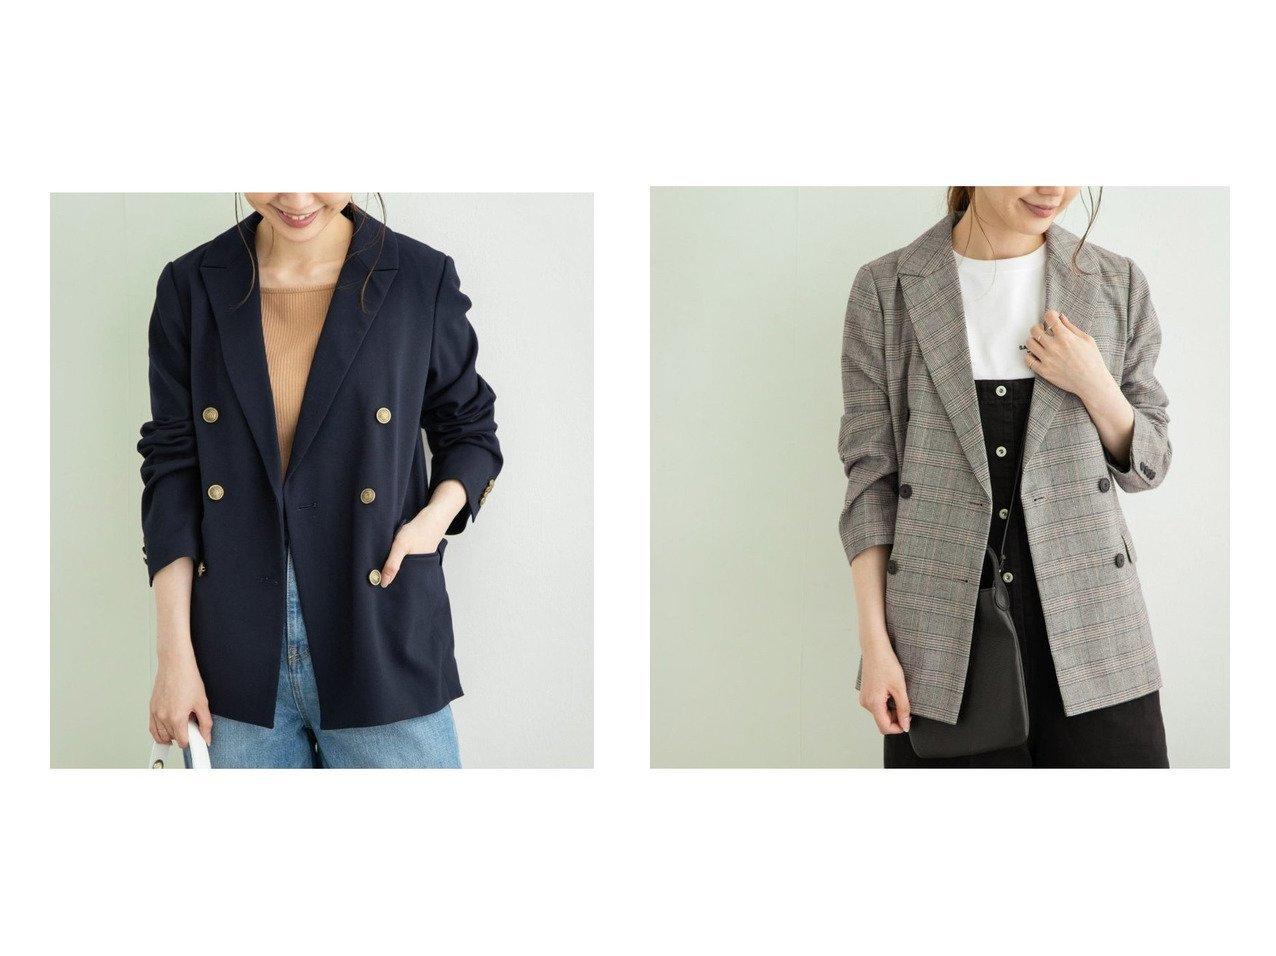 【Sonny Label / URBAN RESEARCH/サニーレーベル】のダブルブレストジャケット アウターのおすすめ!人気、トレンド・レディースファッションの通販 おすすめで人気の流行・トレンド、ファッションの通販商品 メンズファッション・キッズファッション・インテリア・家具・レディースファッション・服の通販 founy(ファニー) https://founy.com/ ファッション Fashion レディースファッション WOMEN アウター Coat Outerwear コート Coats ジャケット Jackets ジャケット スタンダード |ID:crp329100000023580